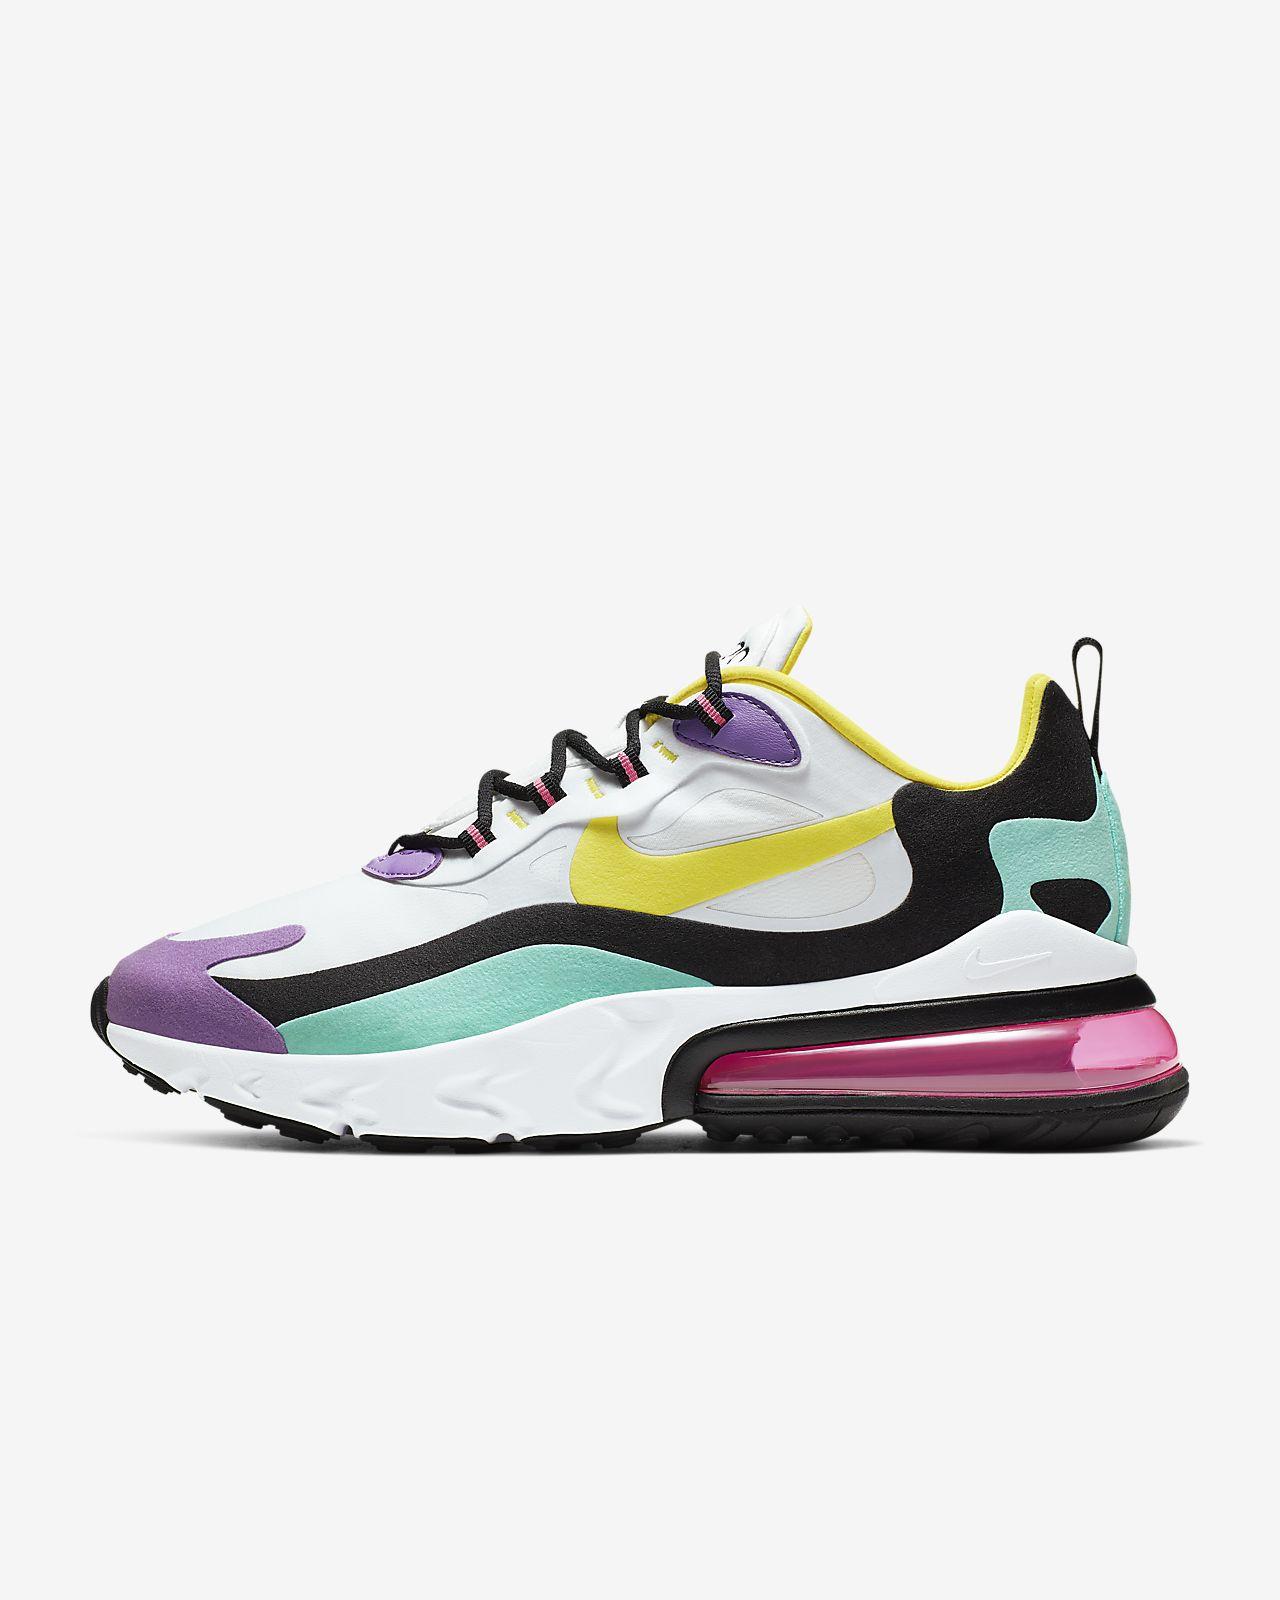 รองเท้าผู้ชาย Nike Air Max 270 React (Geometric Art)